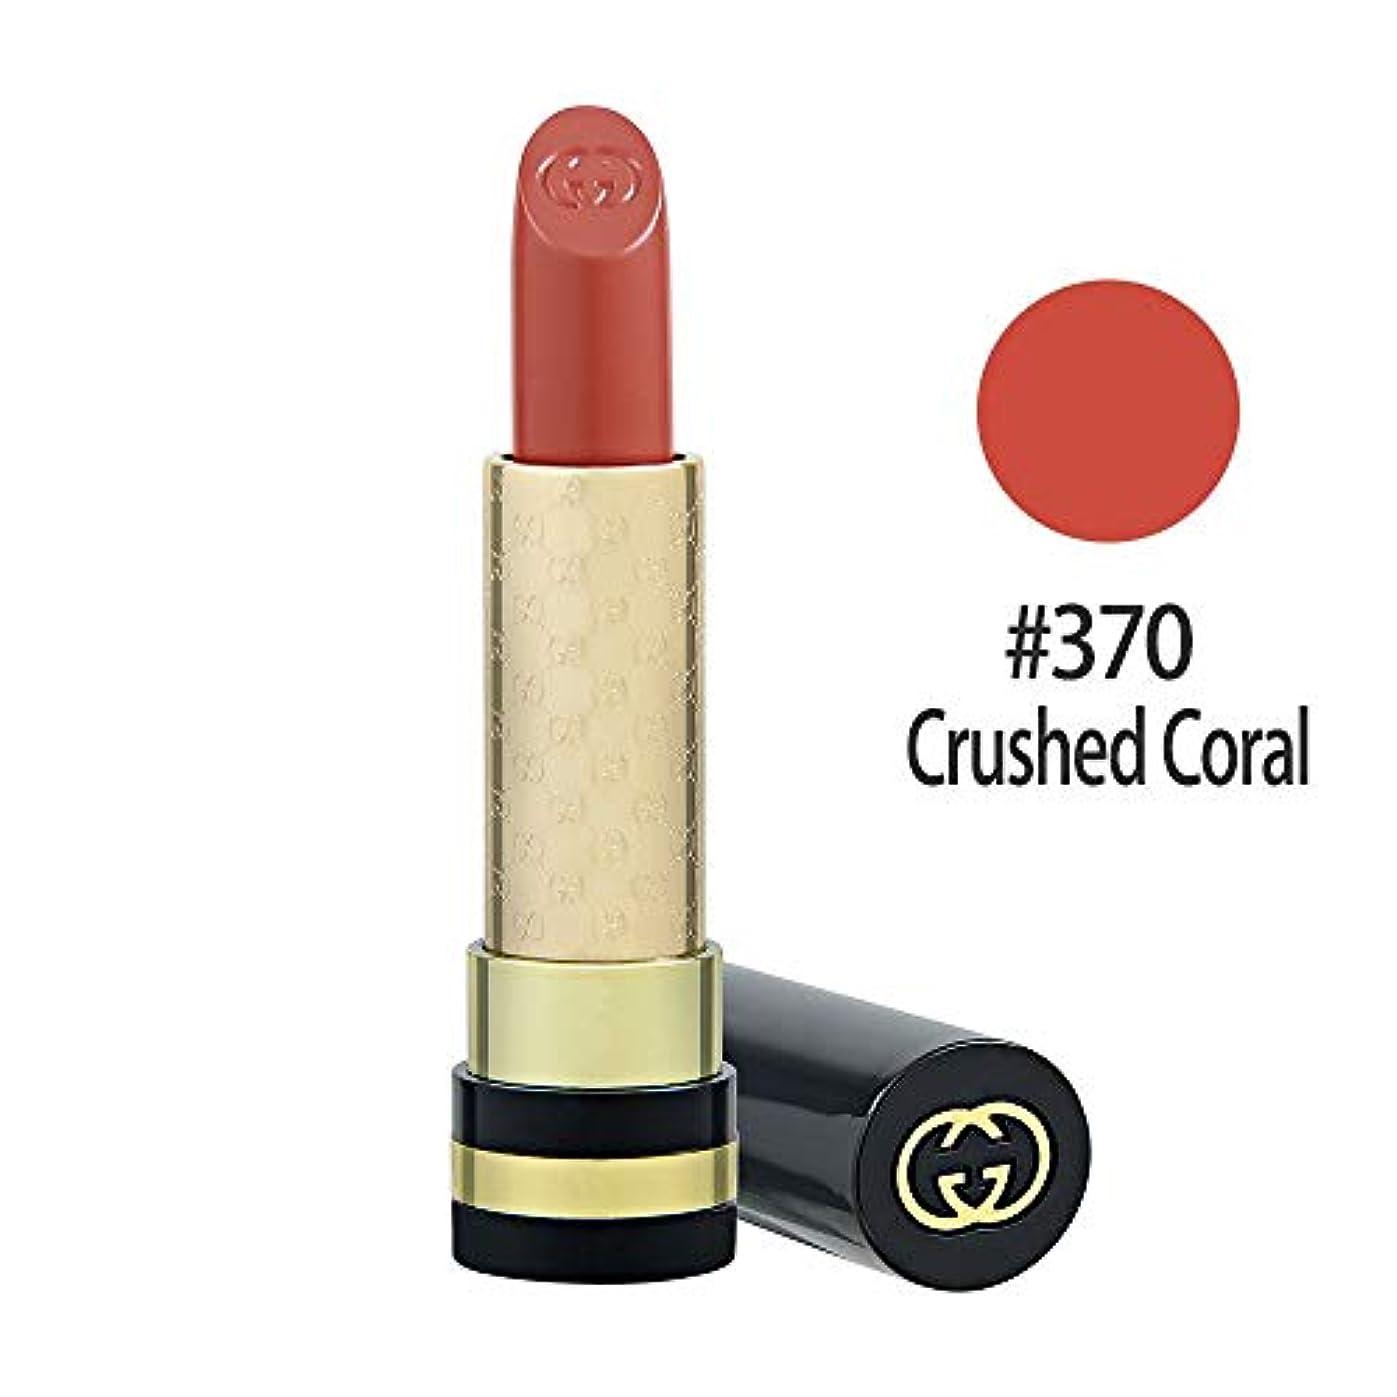 モデレータメーター振幅Gucci ラグジュリアスモイスチャーリッチリップスティック #370 CRUSHED CORAL 3.5g [842776] [並行輸入品]